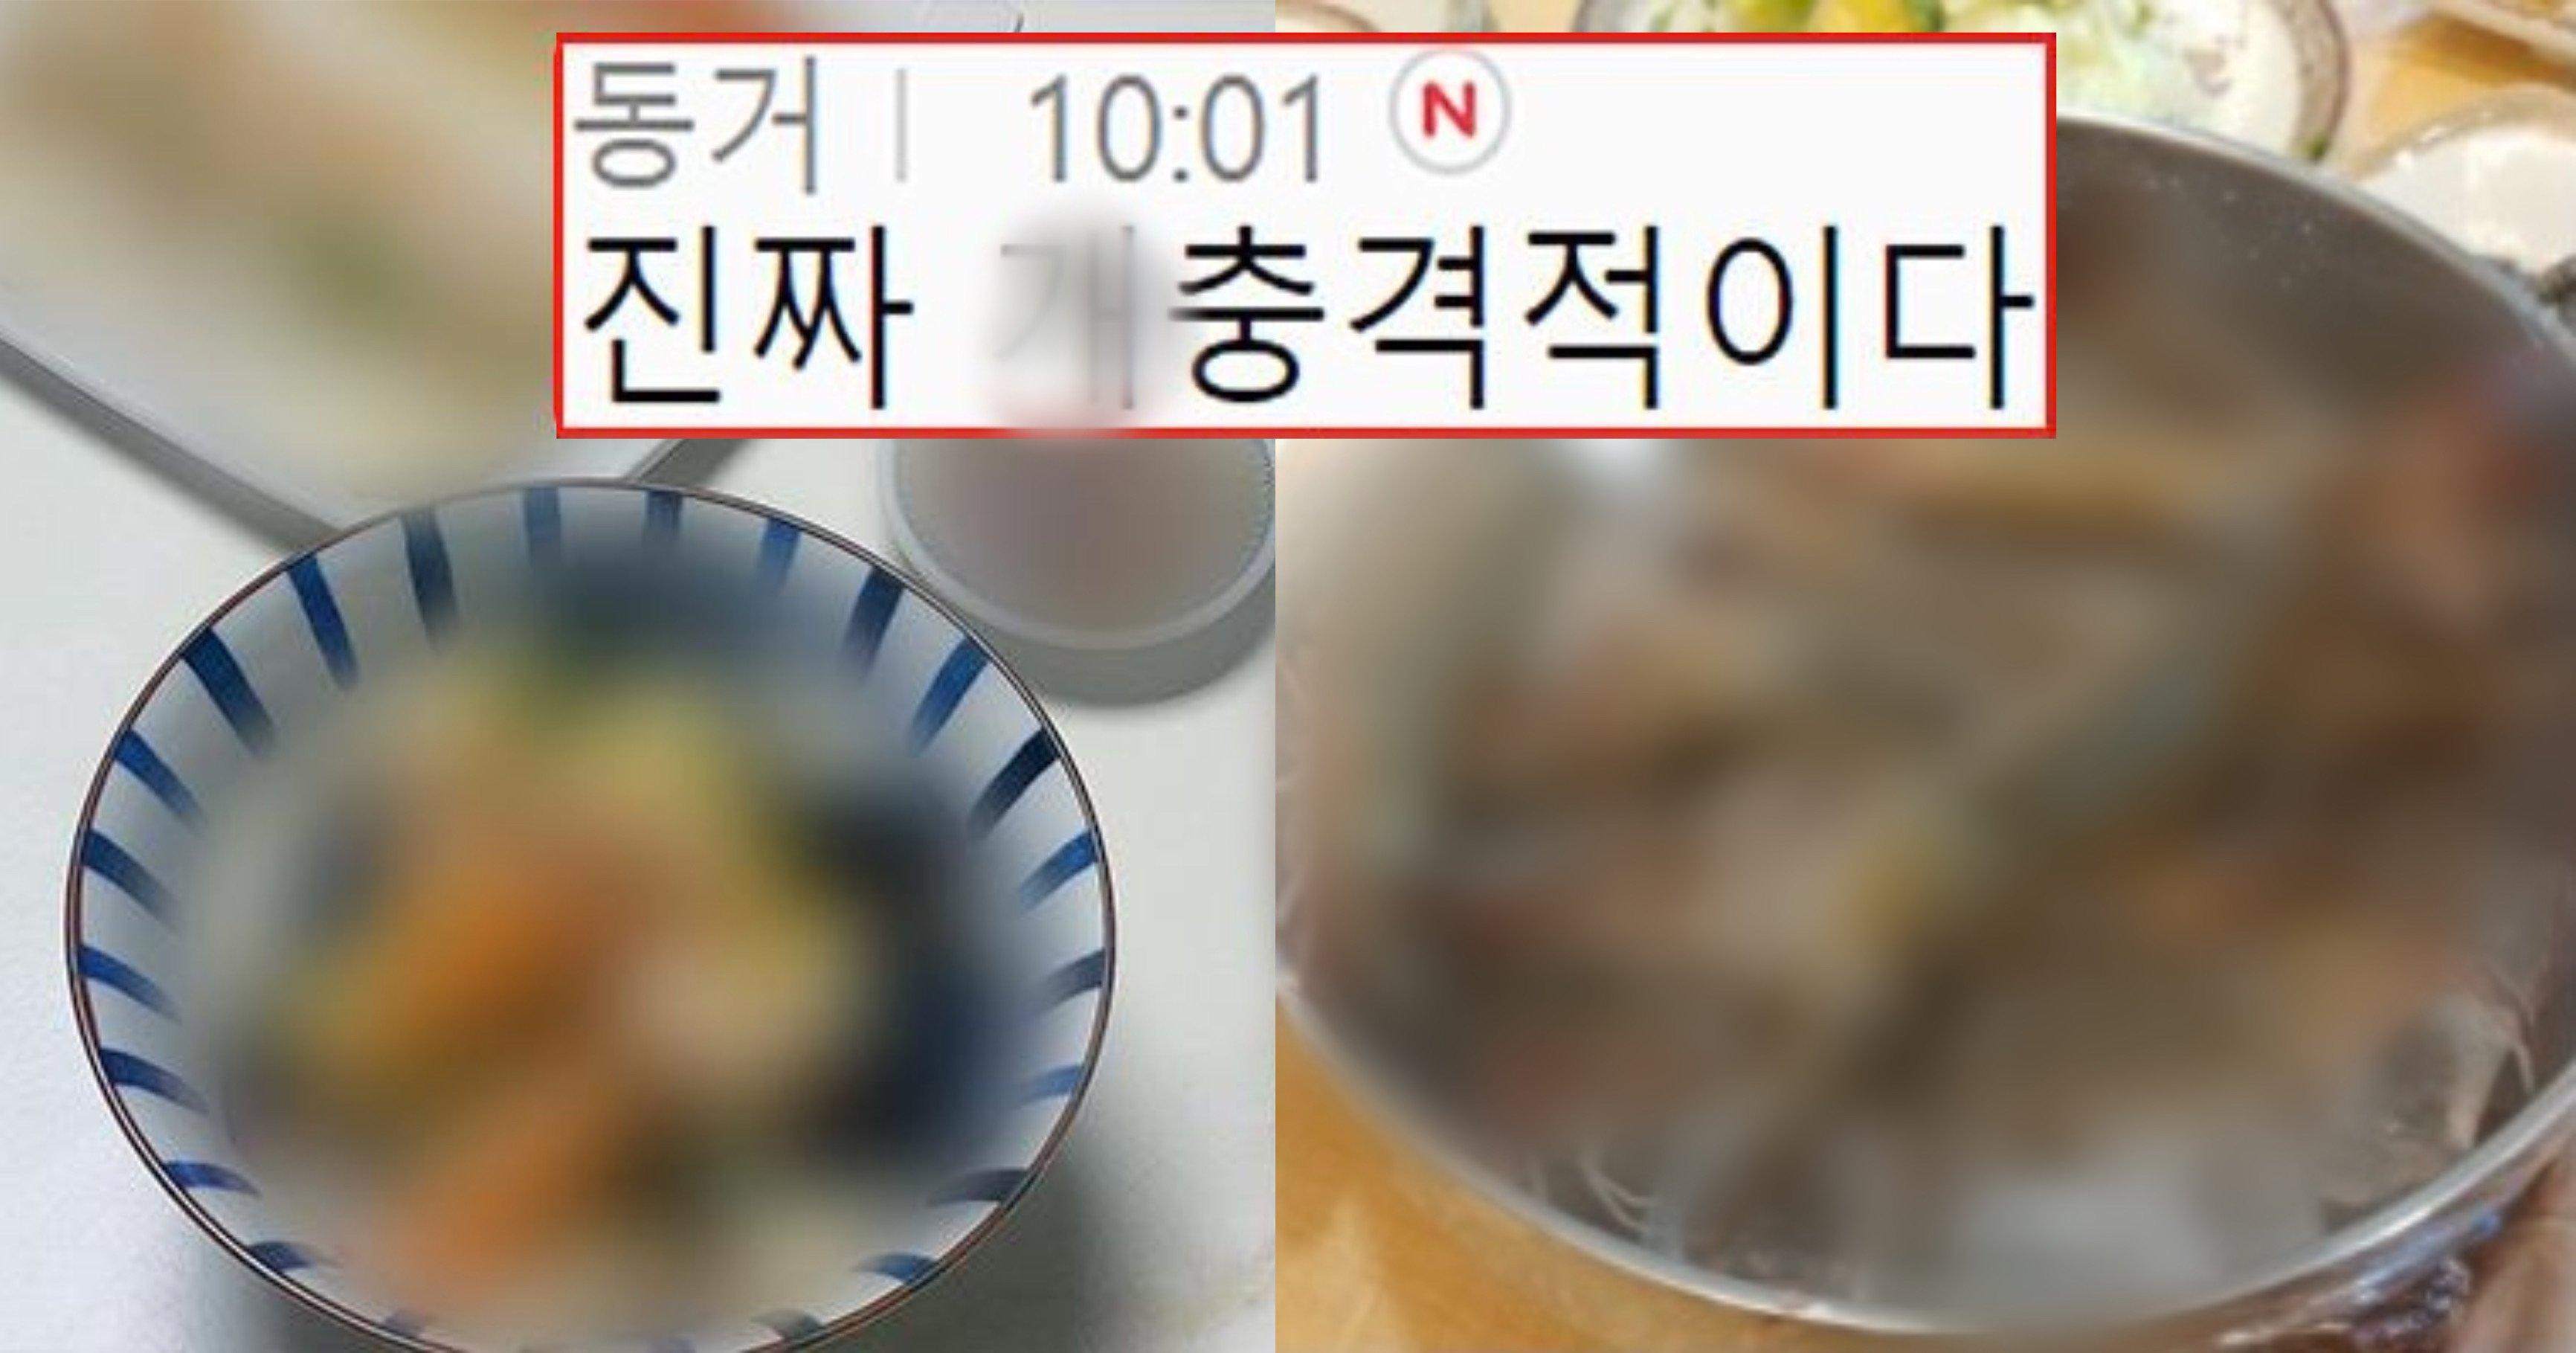 """63cf9638 73e3 4ee2 bd15 a88f0162a19c.jpeg?resize=1200,630 - """"이거 먹을 수 있는 사람..?"""" 먹는 방법 때문에 호불호 제대로 갈리는 회"""